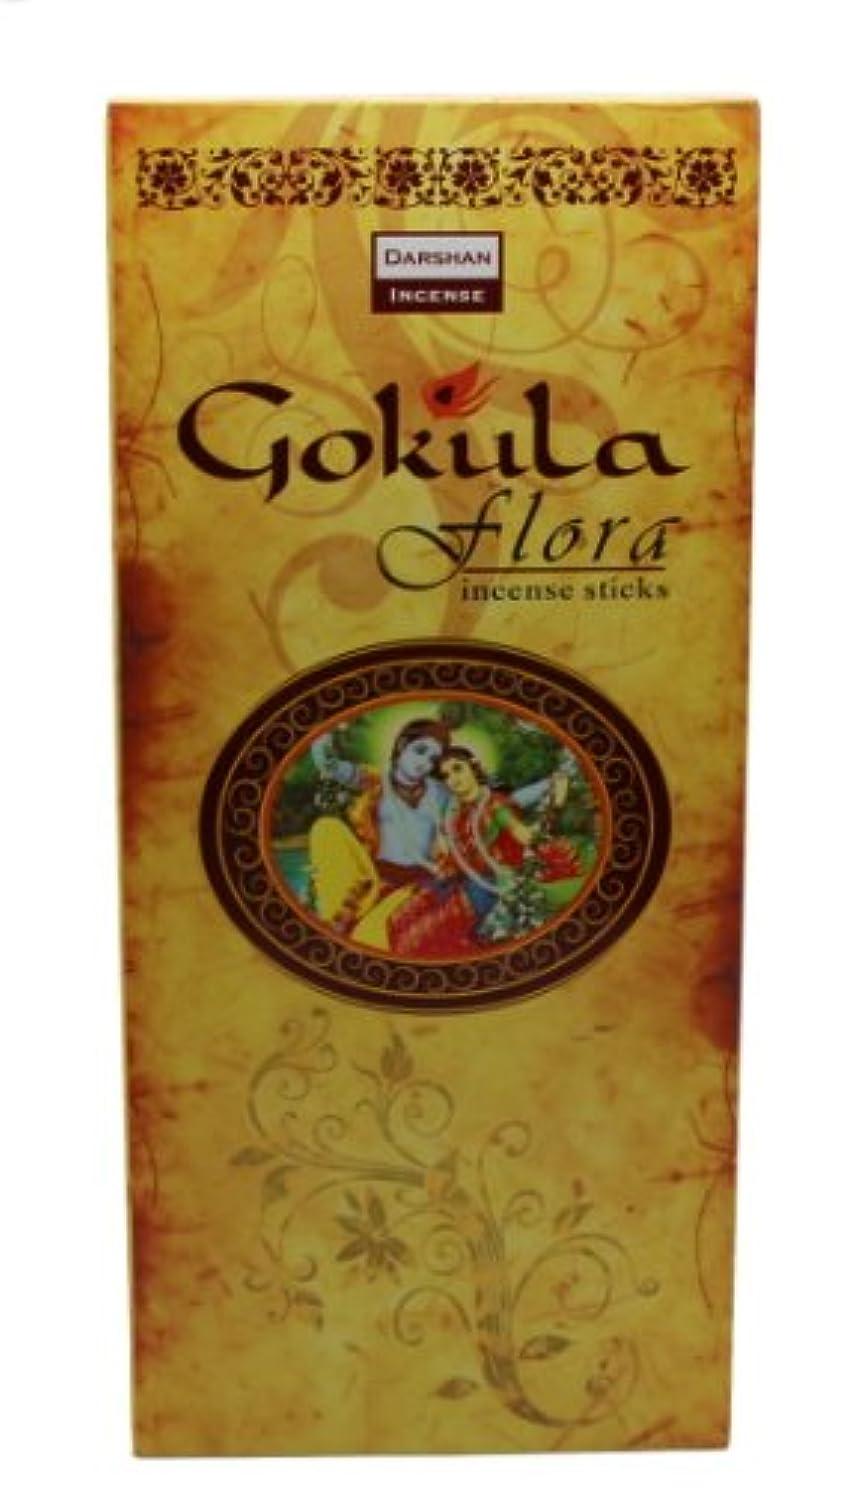 管理者退屈させる四面体Gokula Flora Incense Sticks, New.